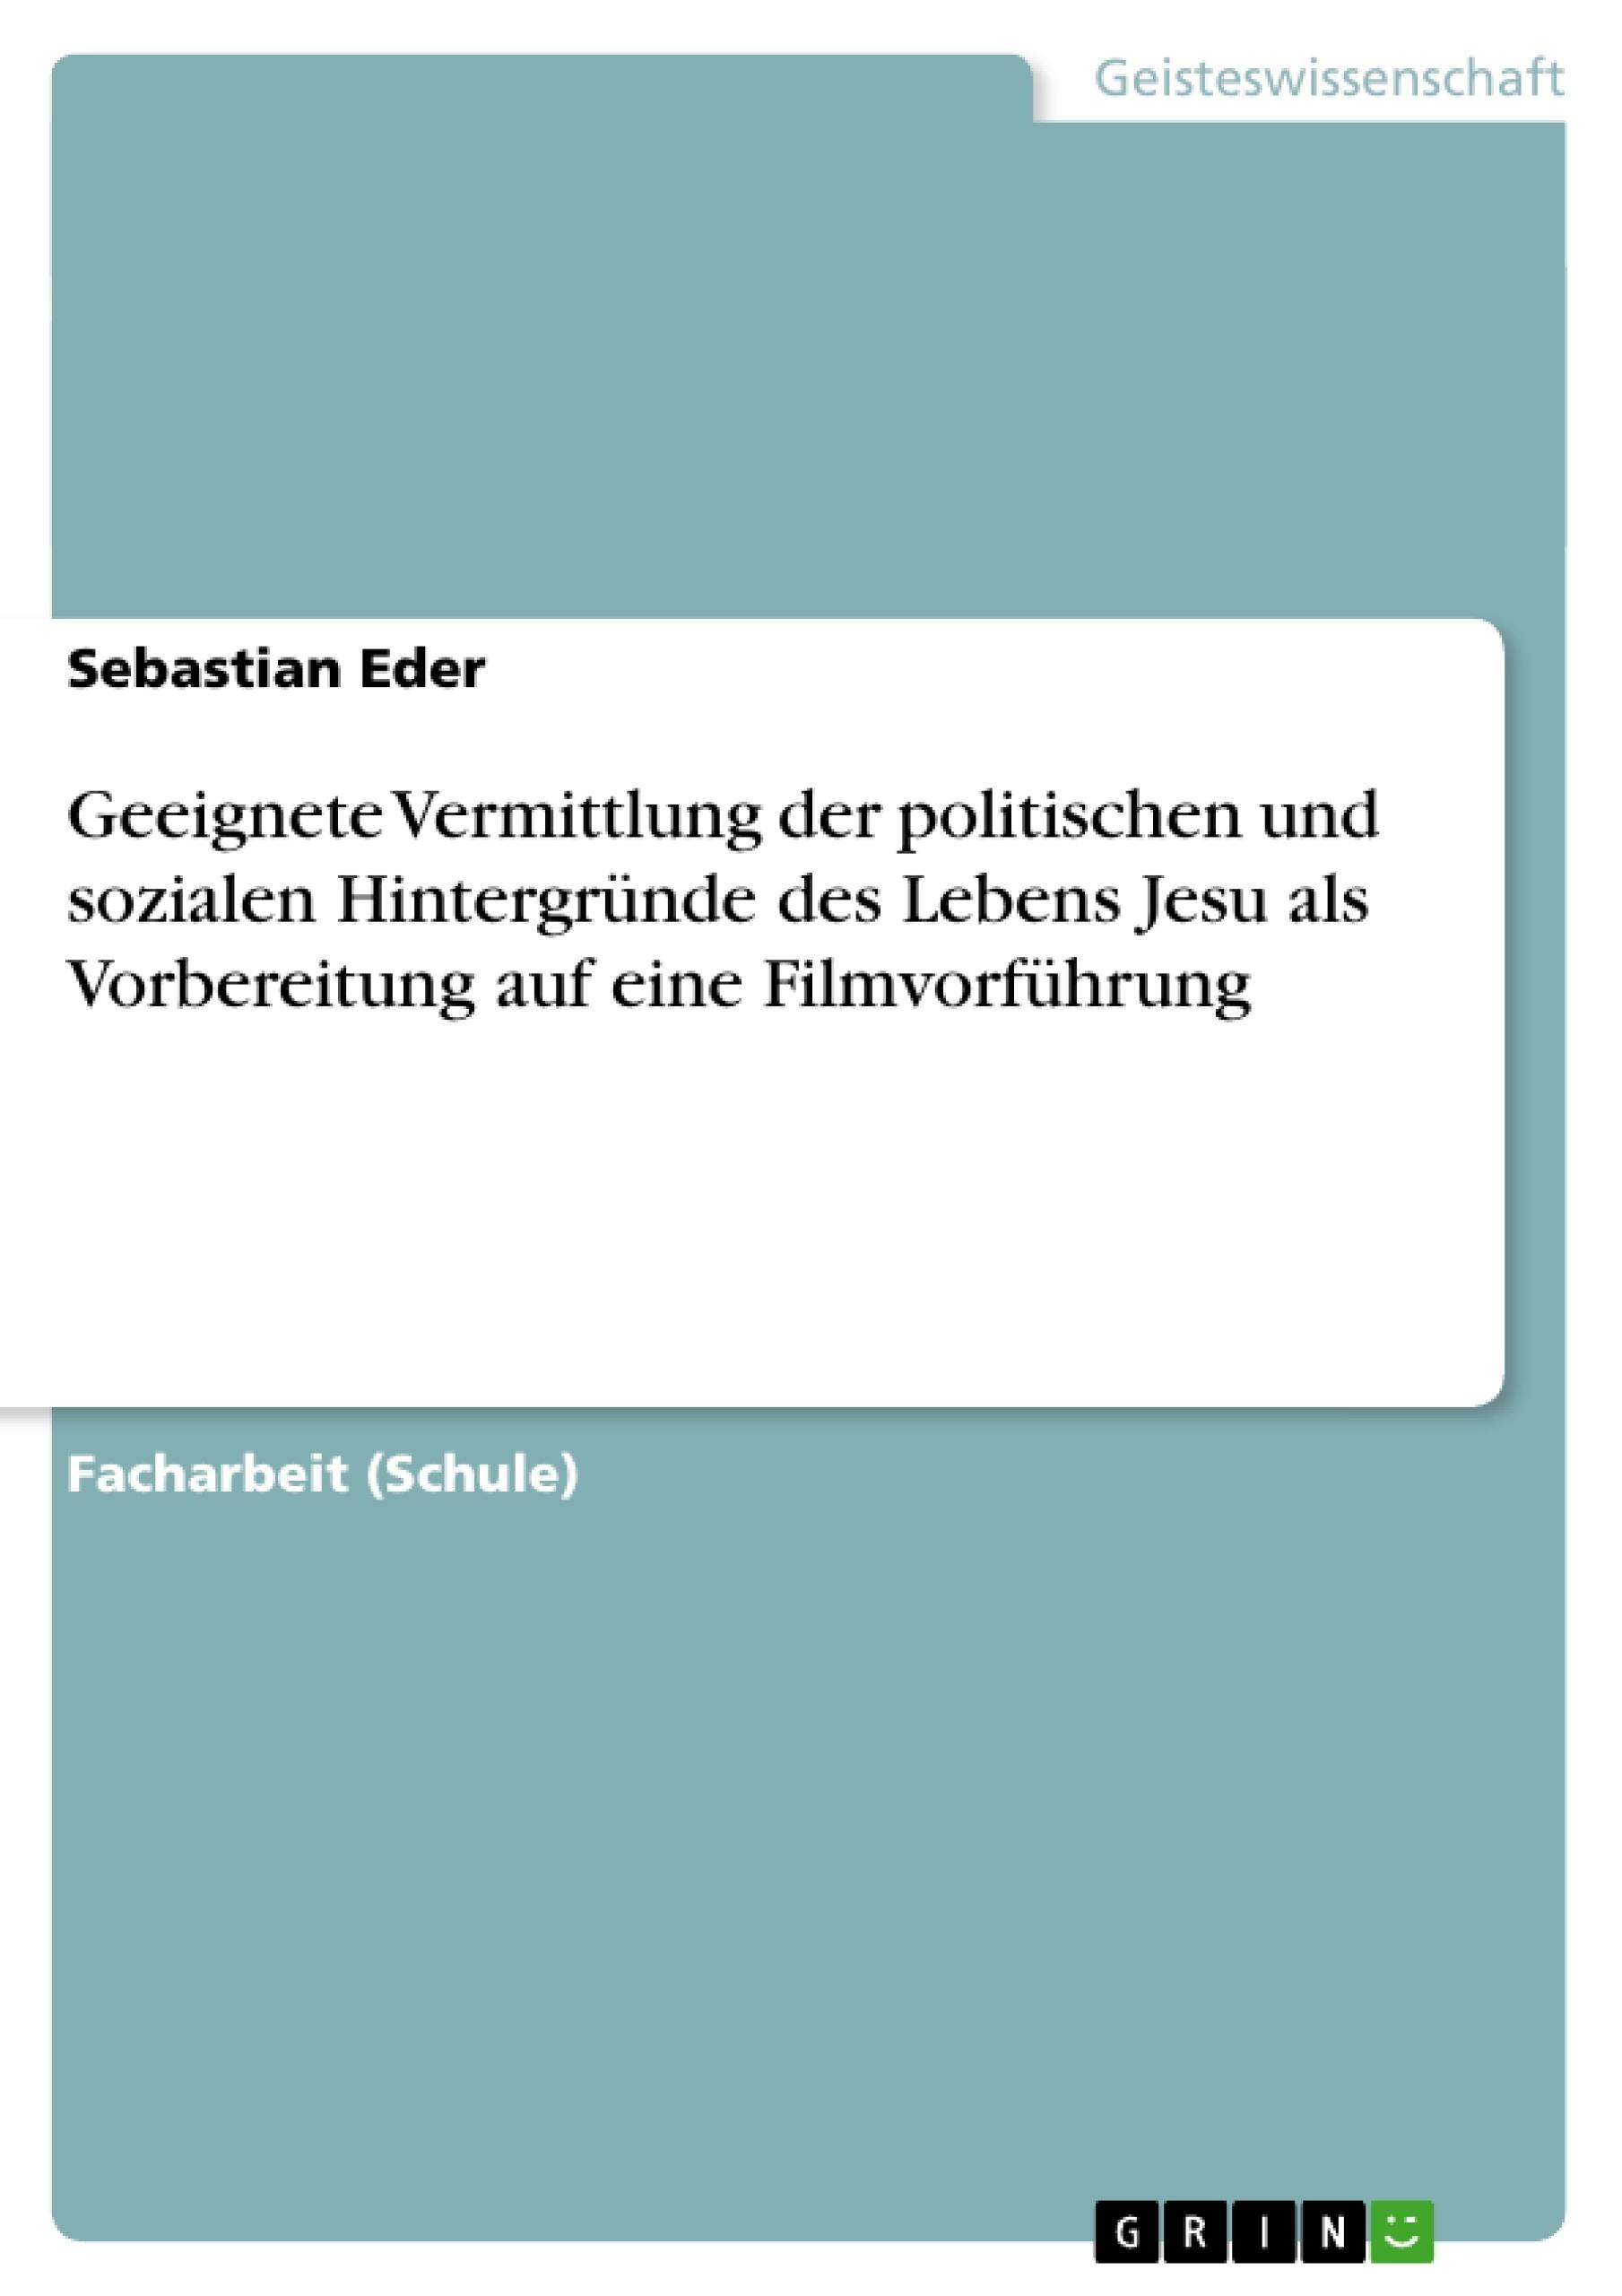 Titel: Geeignete Vermittlung der politischen und sozialen Hintergründe des Lebens Jesu als Vorbereitung auf eine Filmvorführung